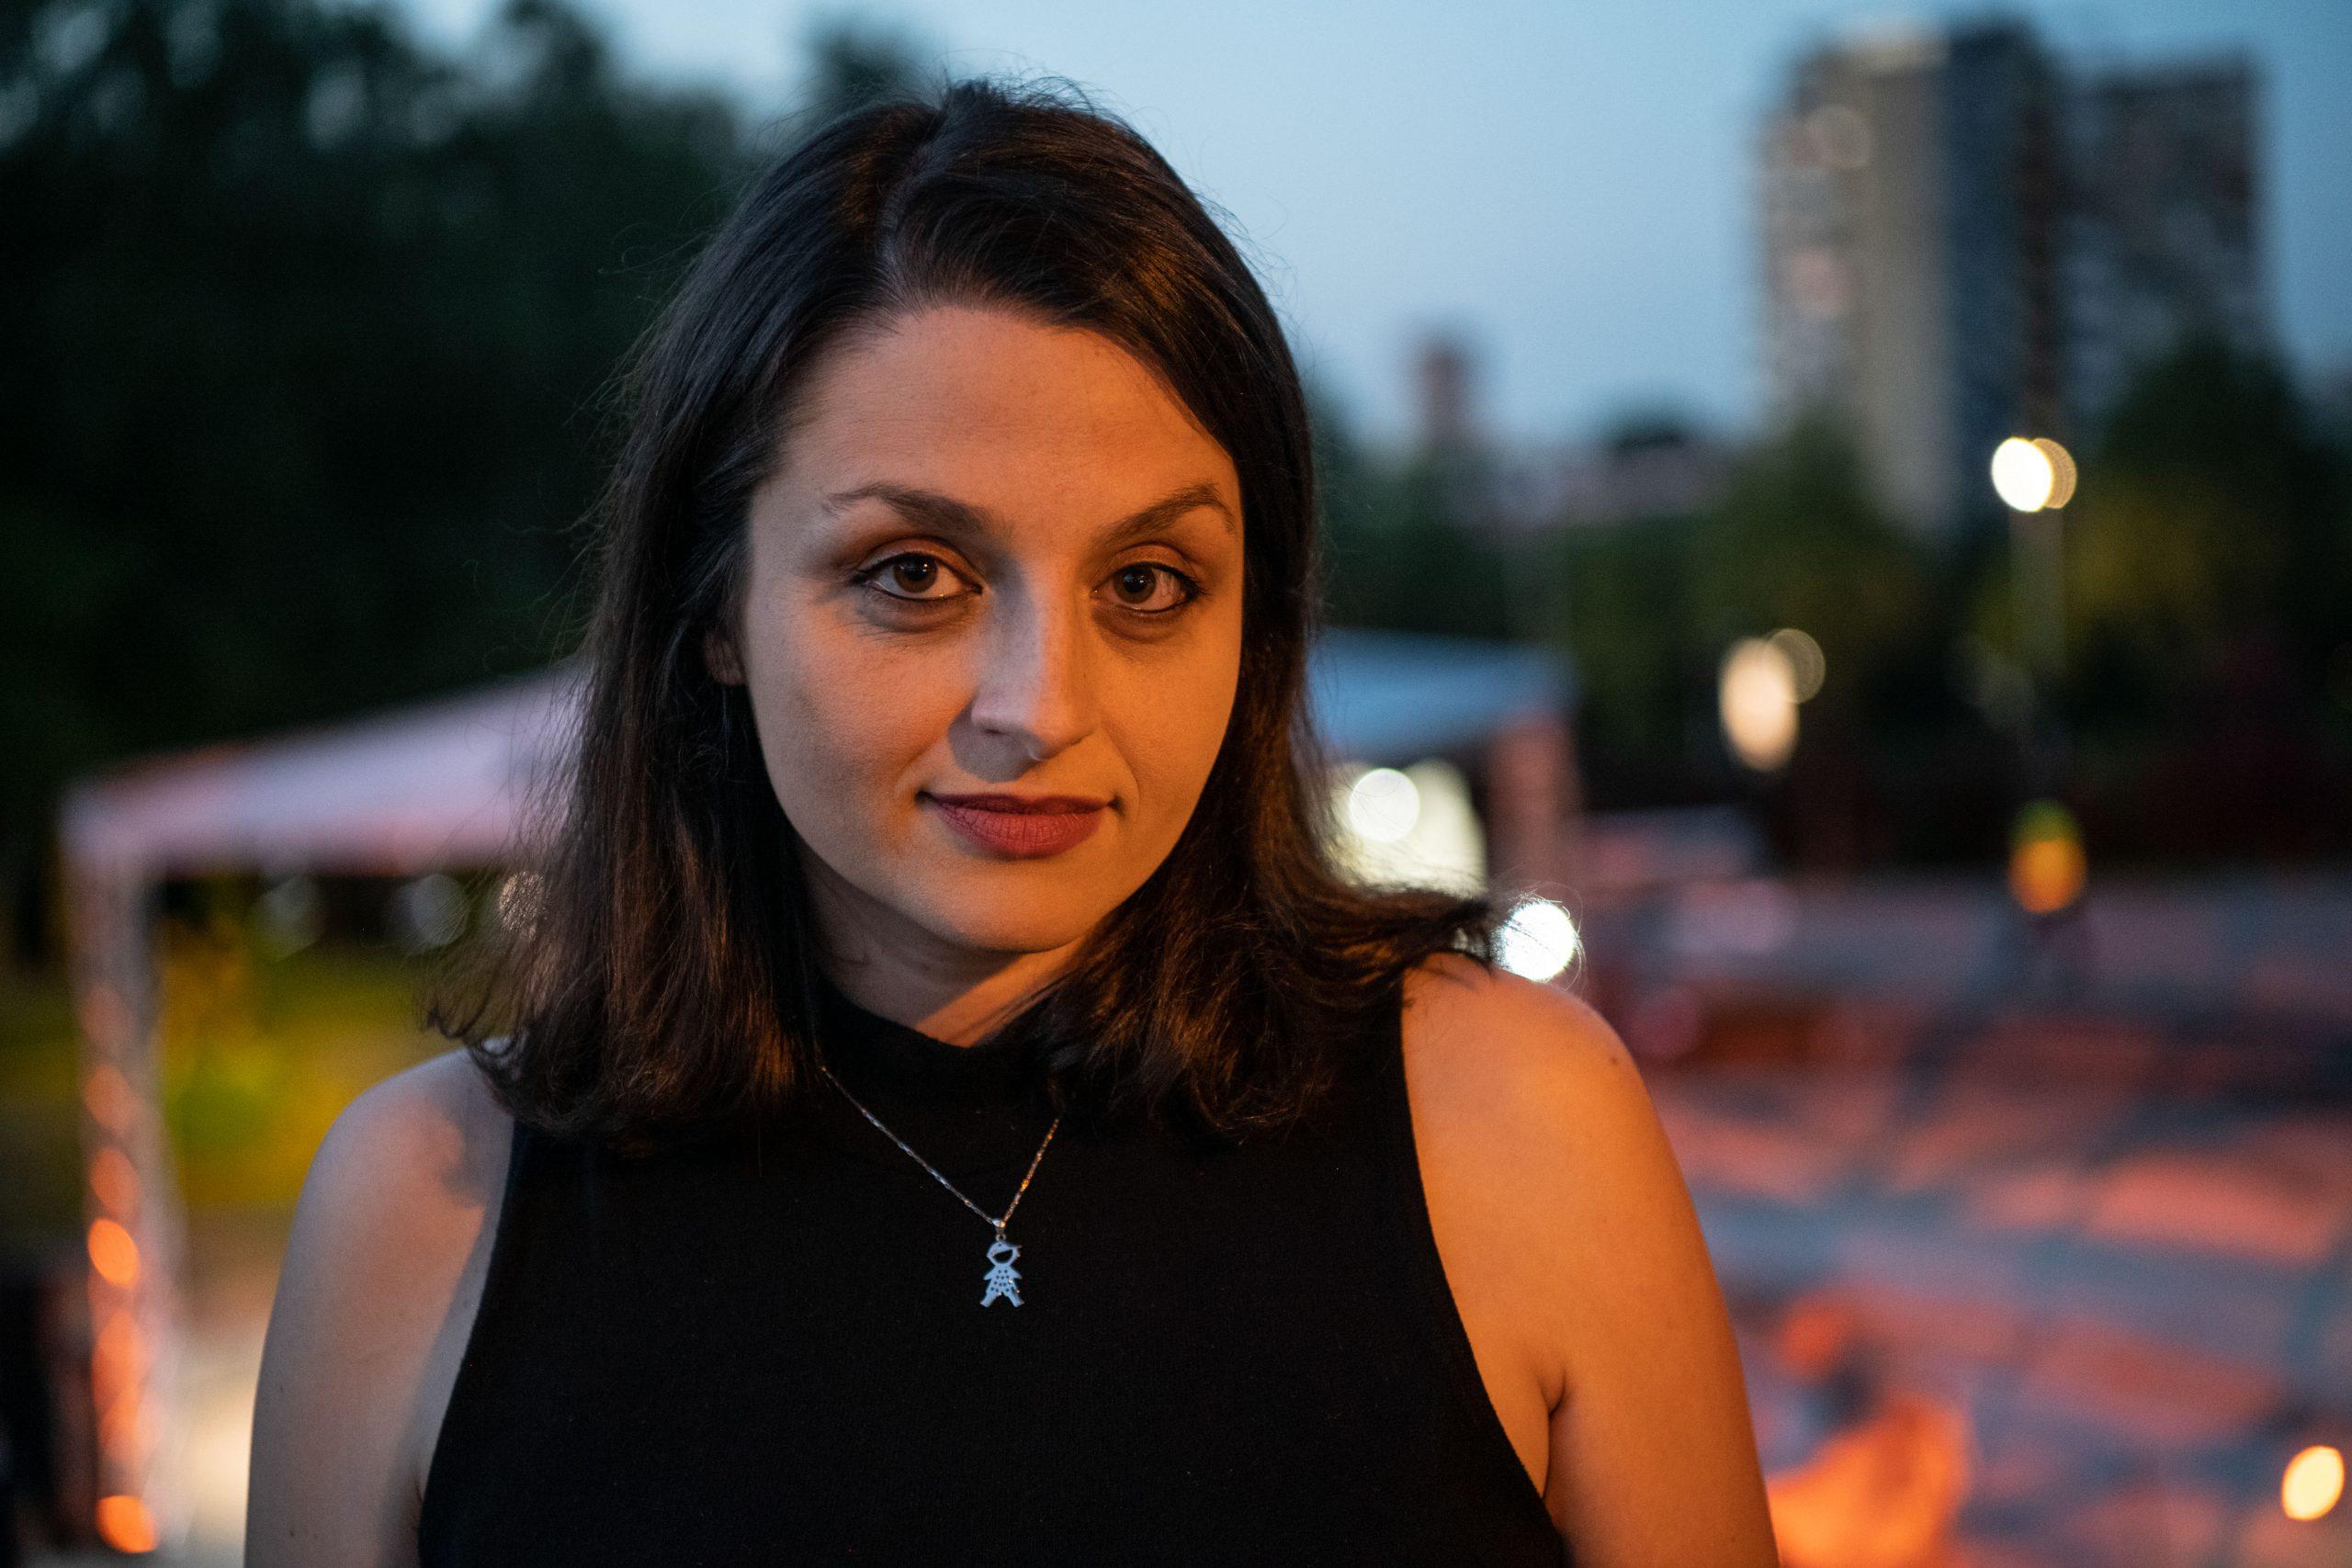 Ana Vuckovic